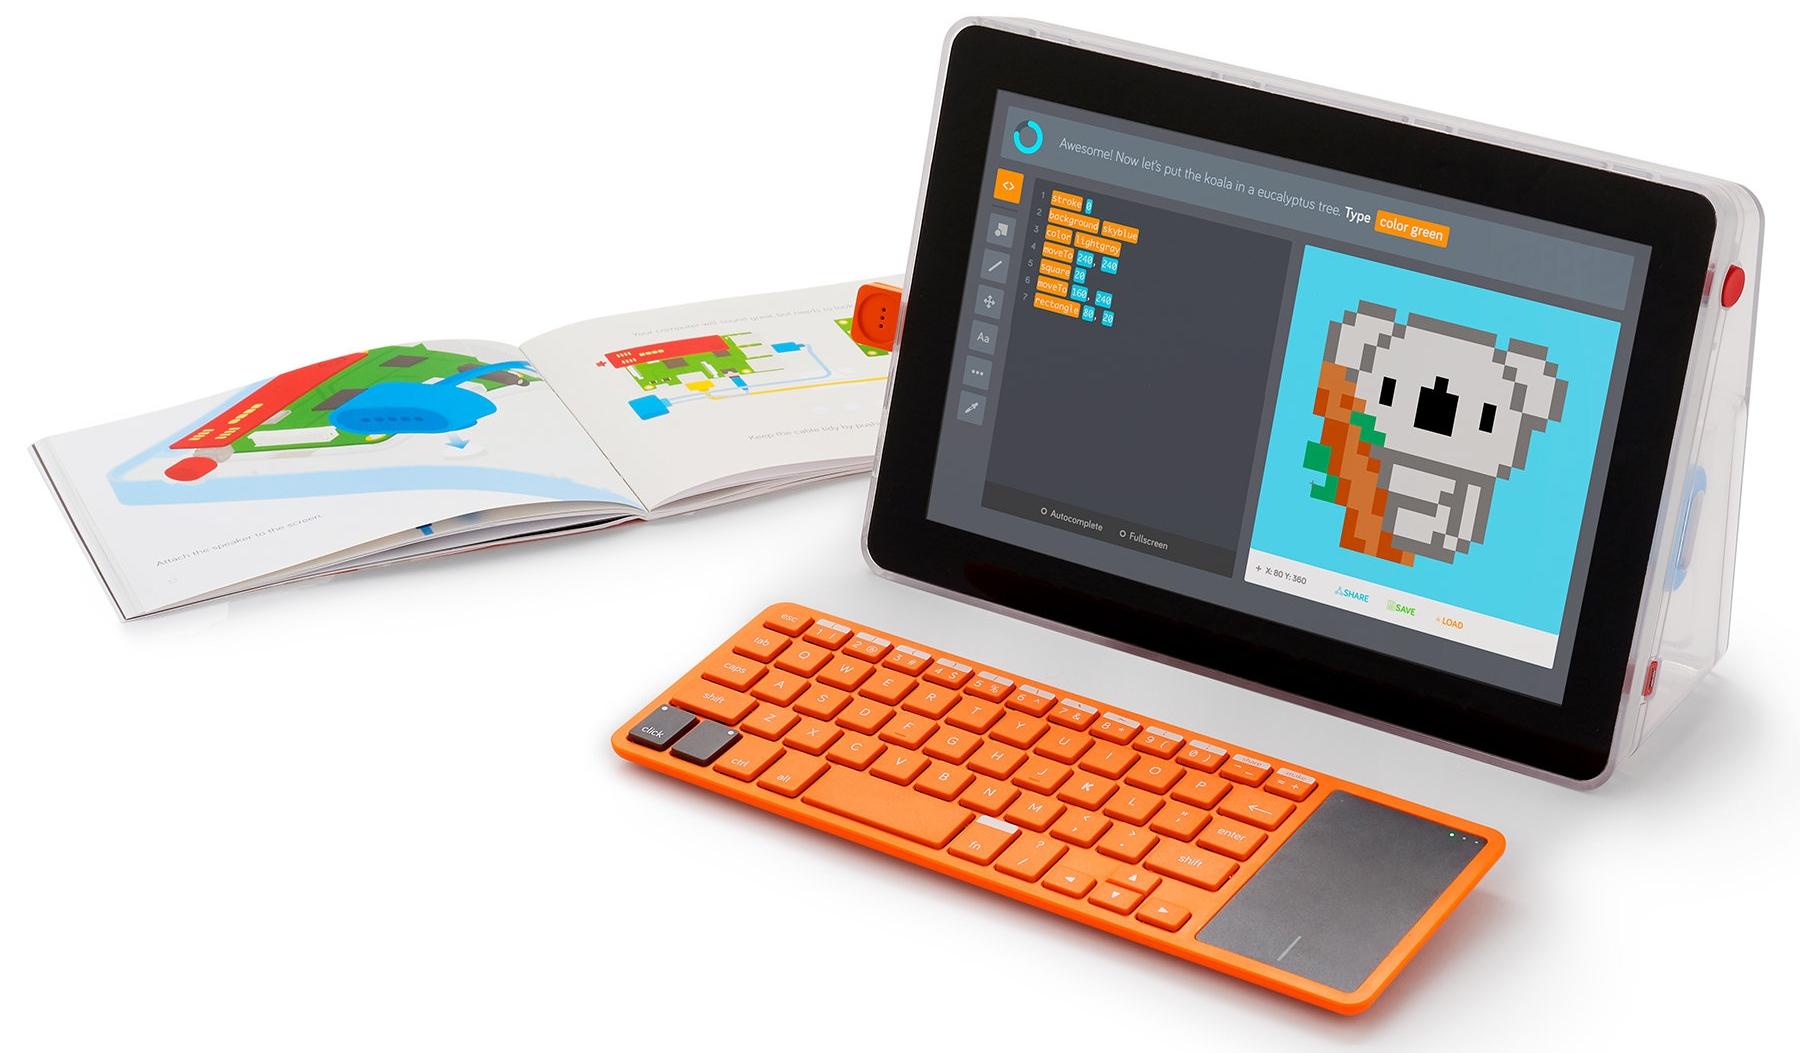 La start up anglaise spécialisée dans l'informatique pour enfants s'associe à Microsoft pour proposer un PC en kit sous Windows 10S